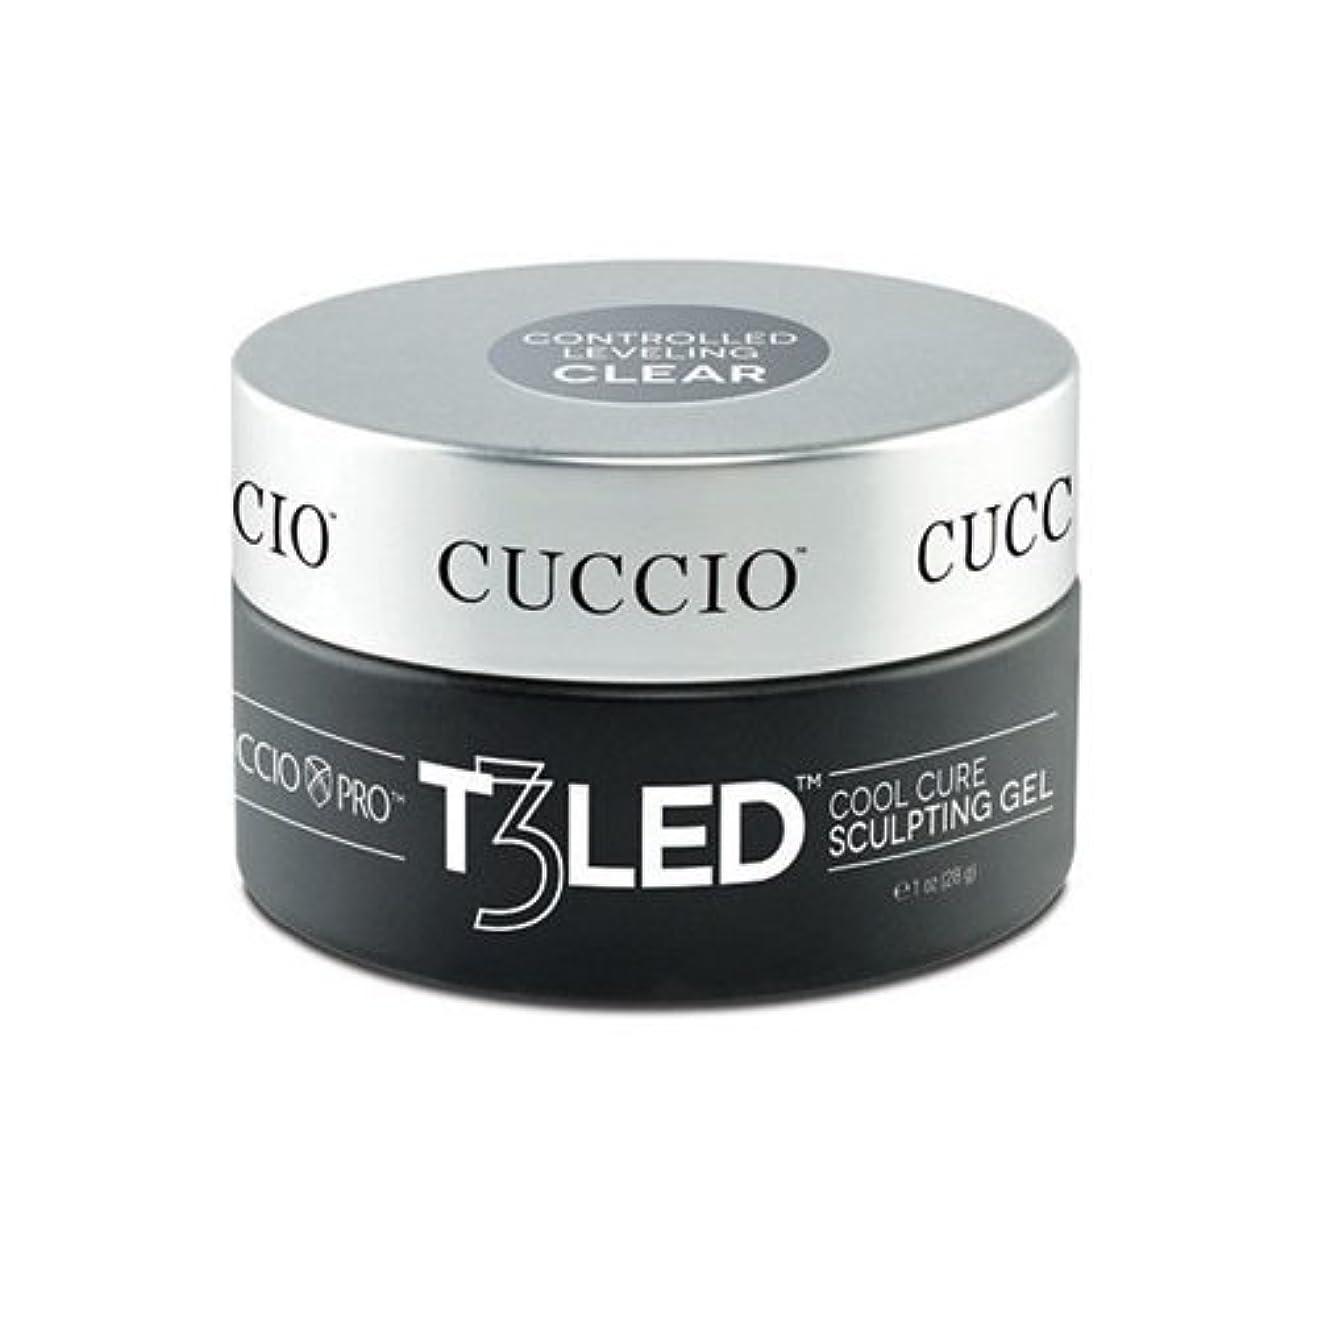 初心者ビート不幸Cuccio Pro - T3 LED/UV Controlled Leveling Gel - Clear - 2oz / 56g